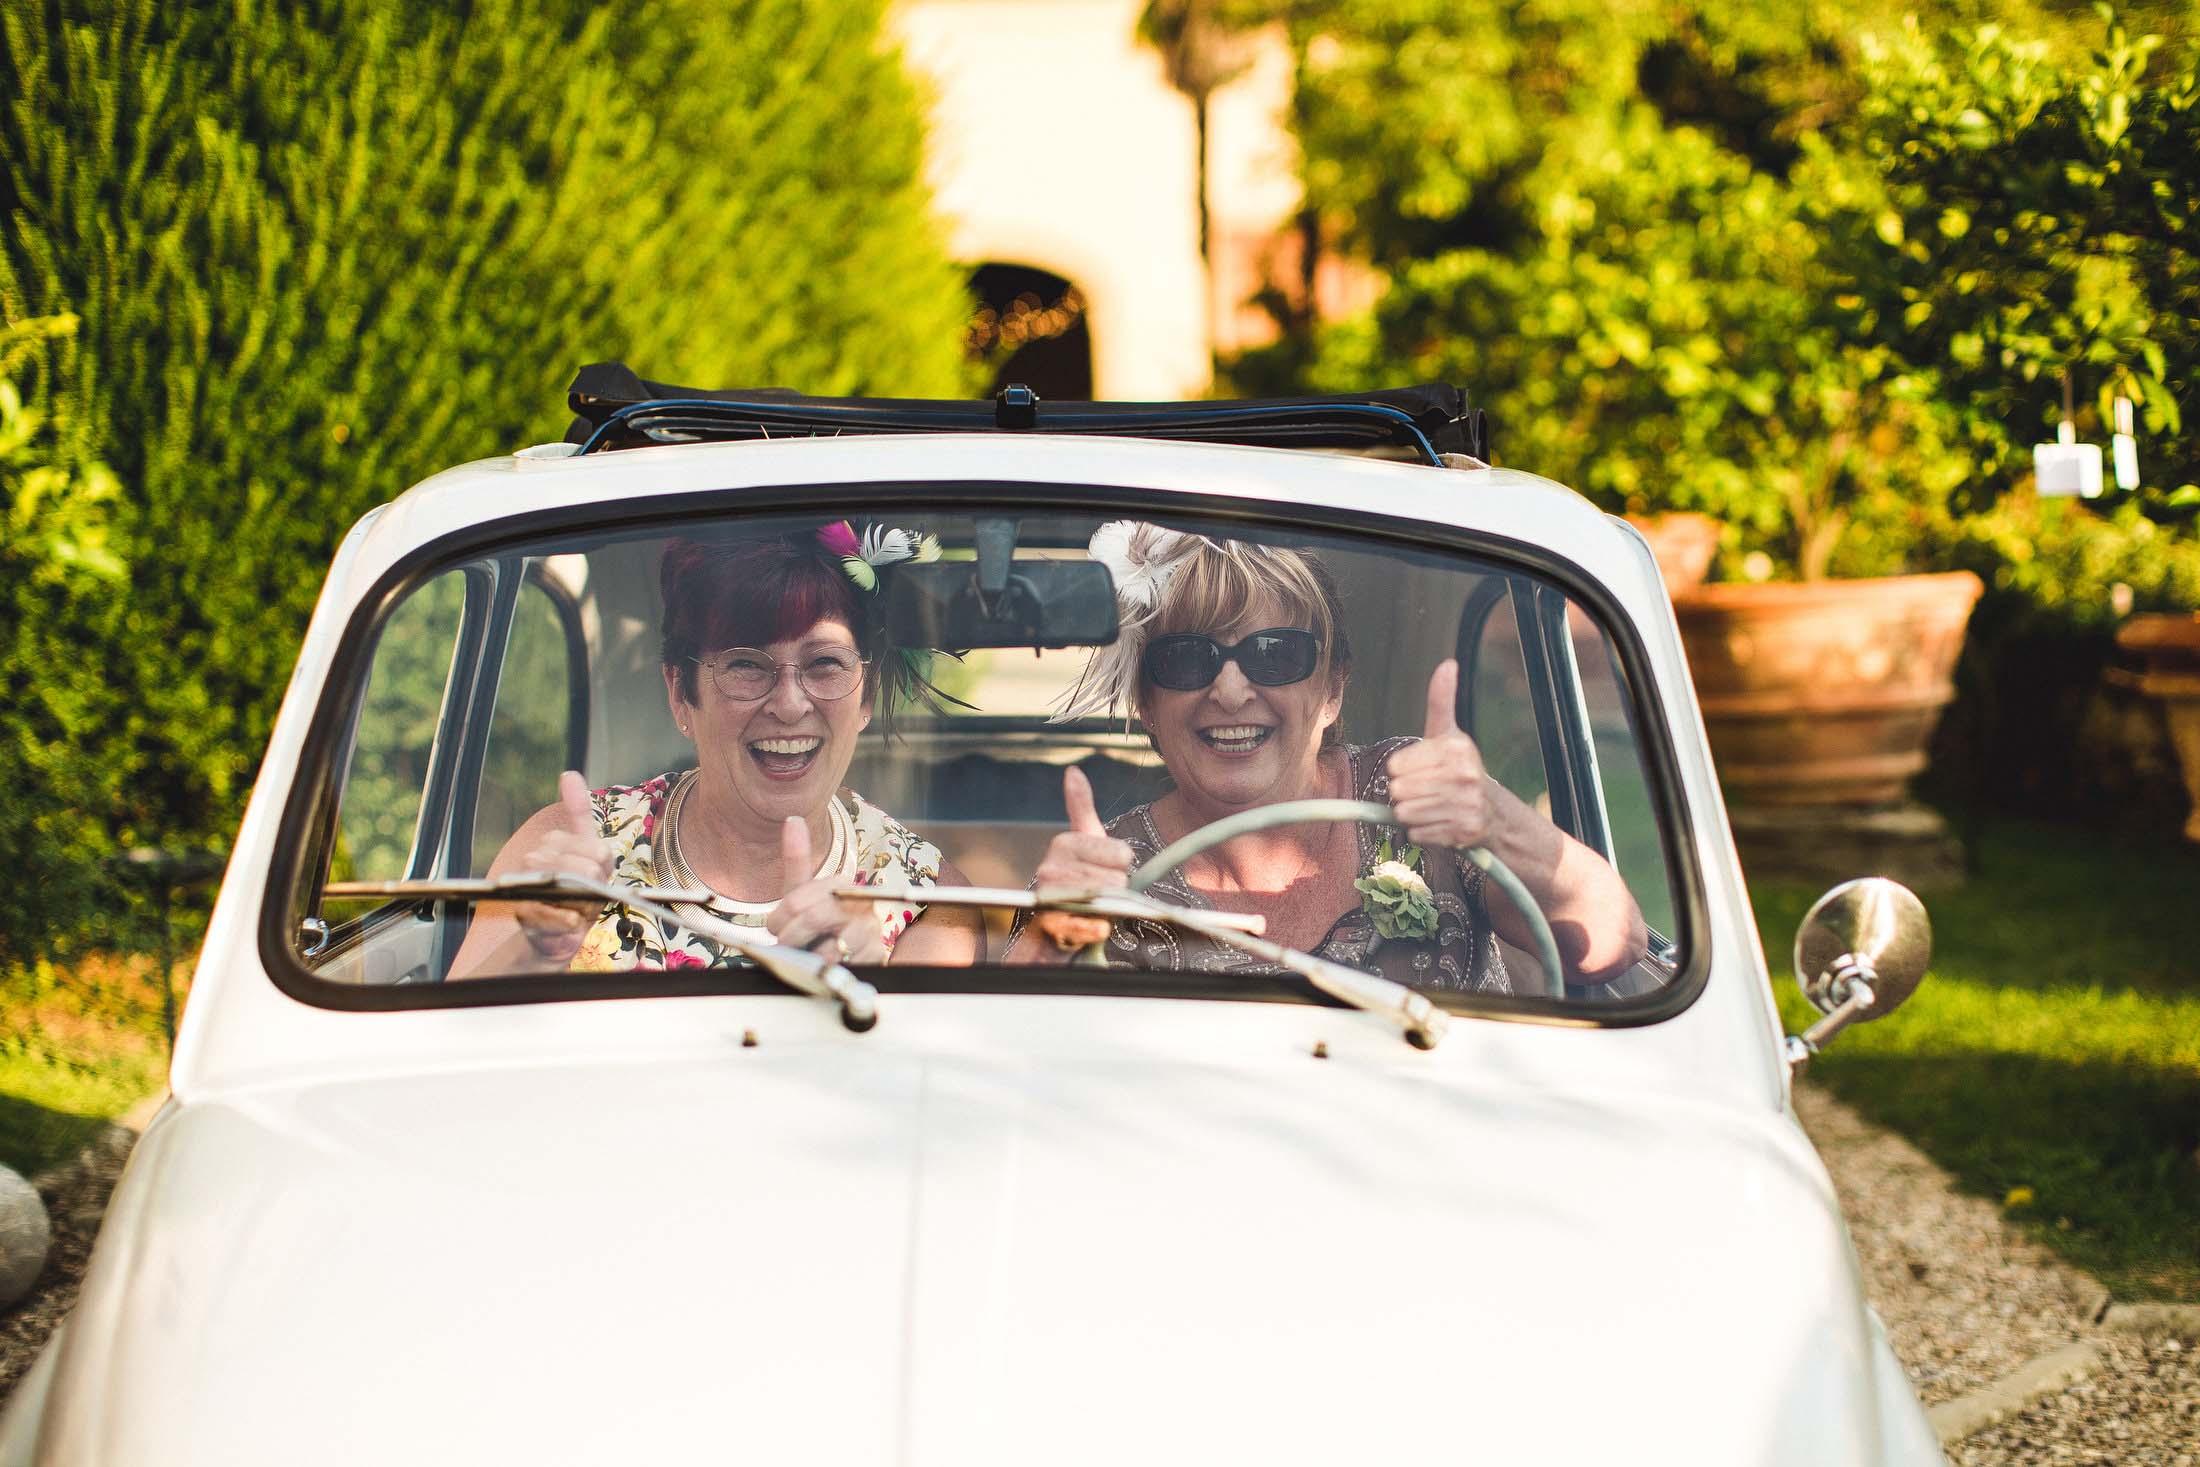 Fiat wedding car